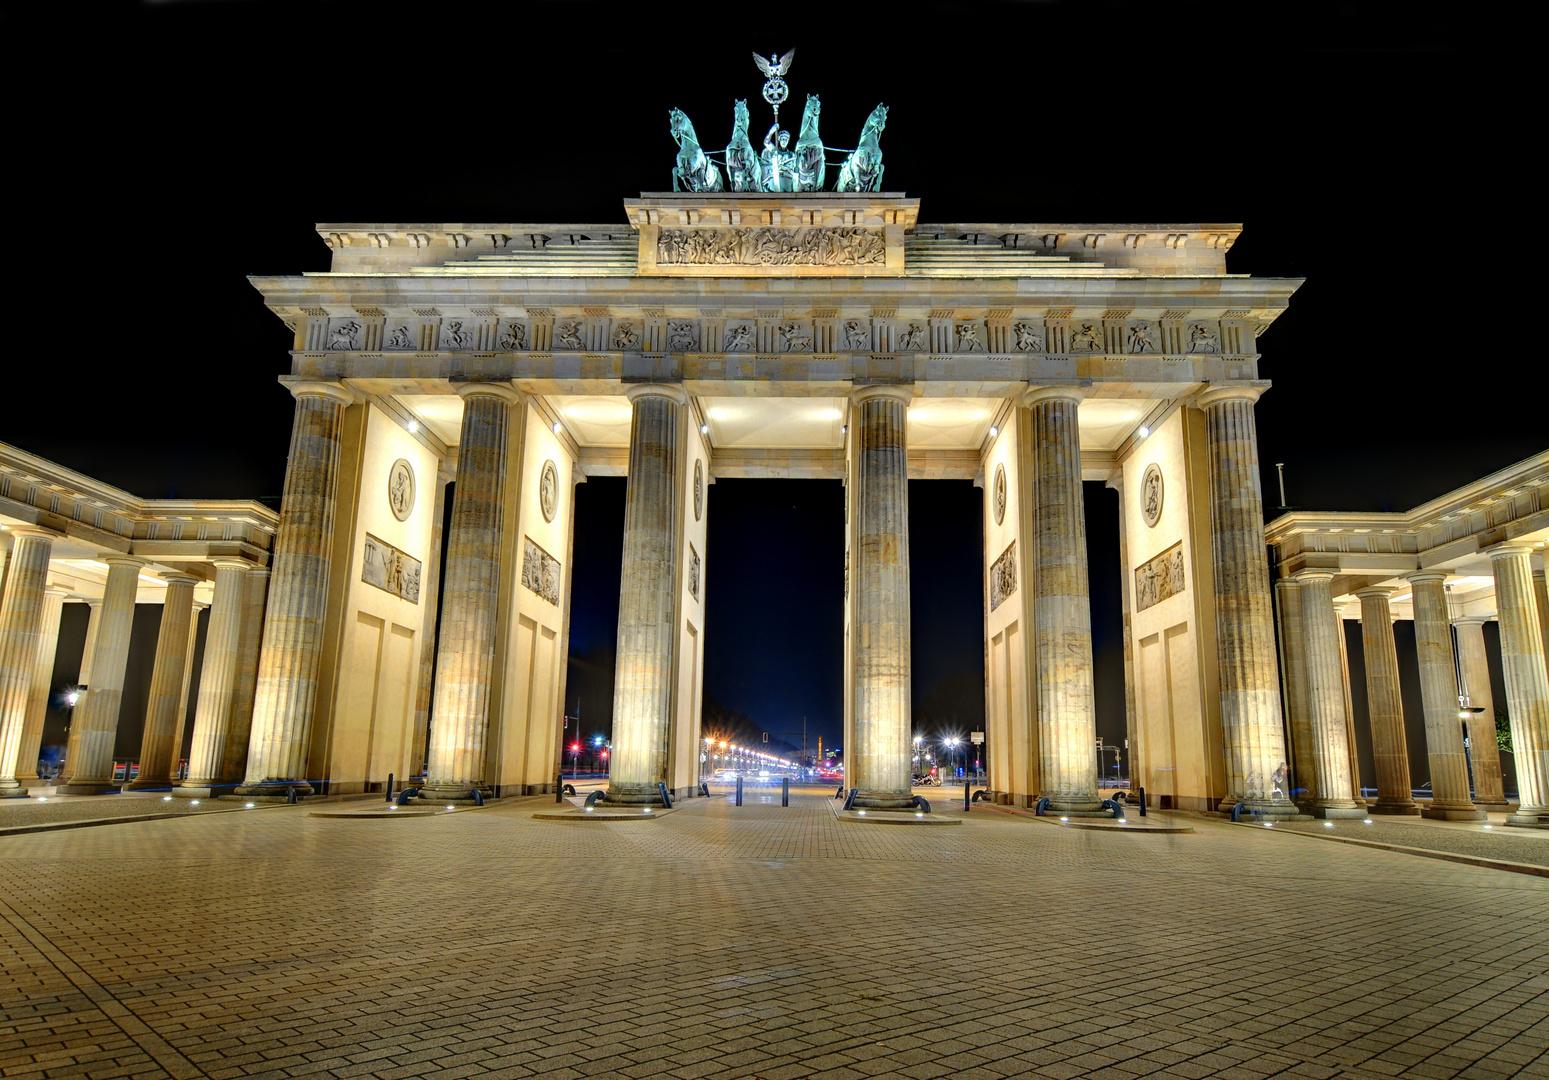 Brandenburger Tor / Unter den Linden